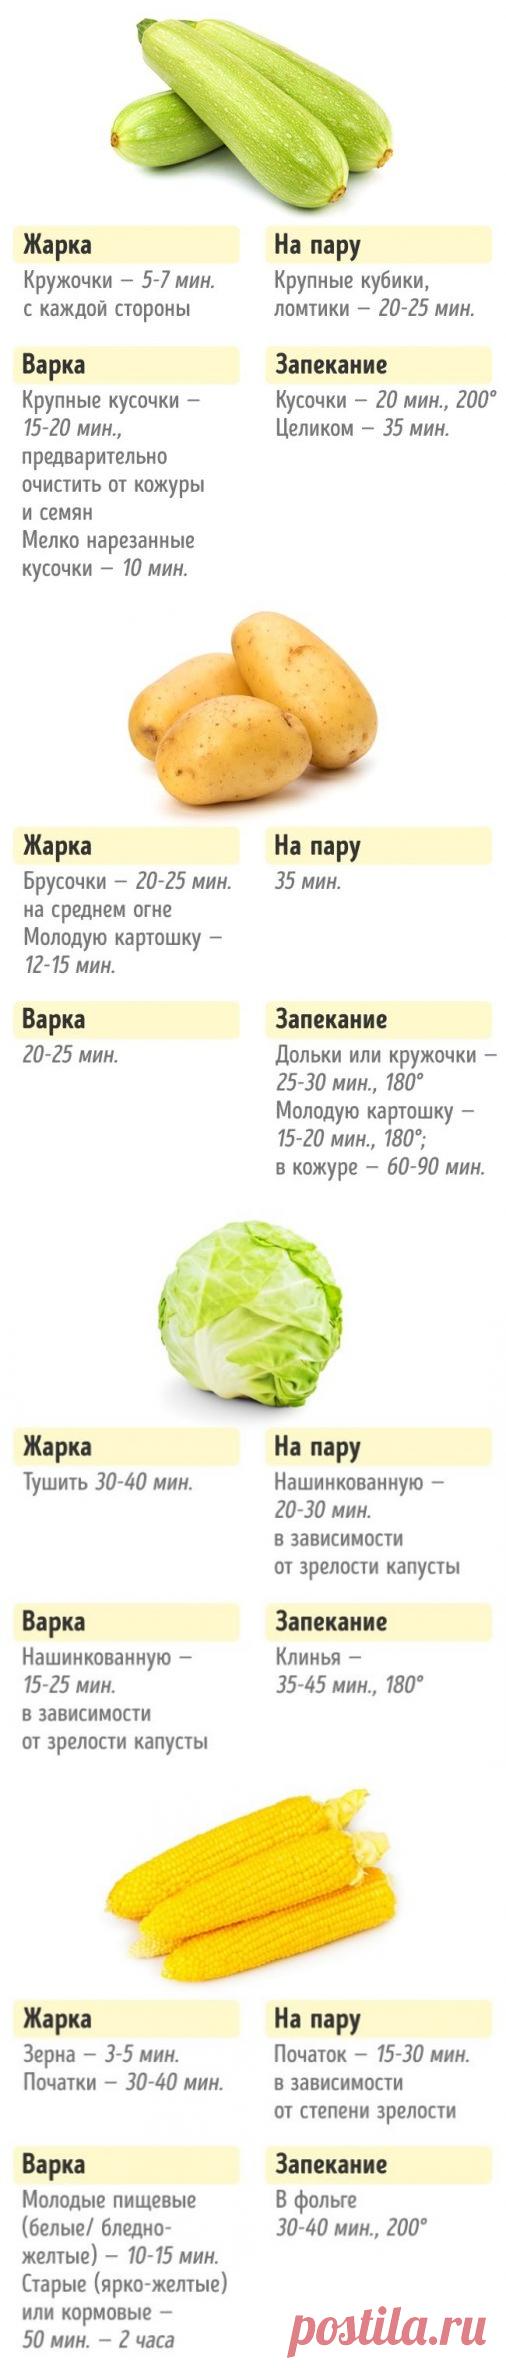 Хозяйкам на заметку. Сколько нужно готовить овощи для сохранения пользы и вкуса